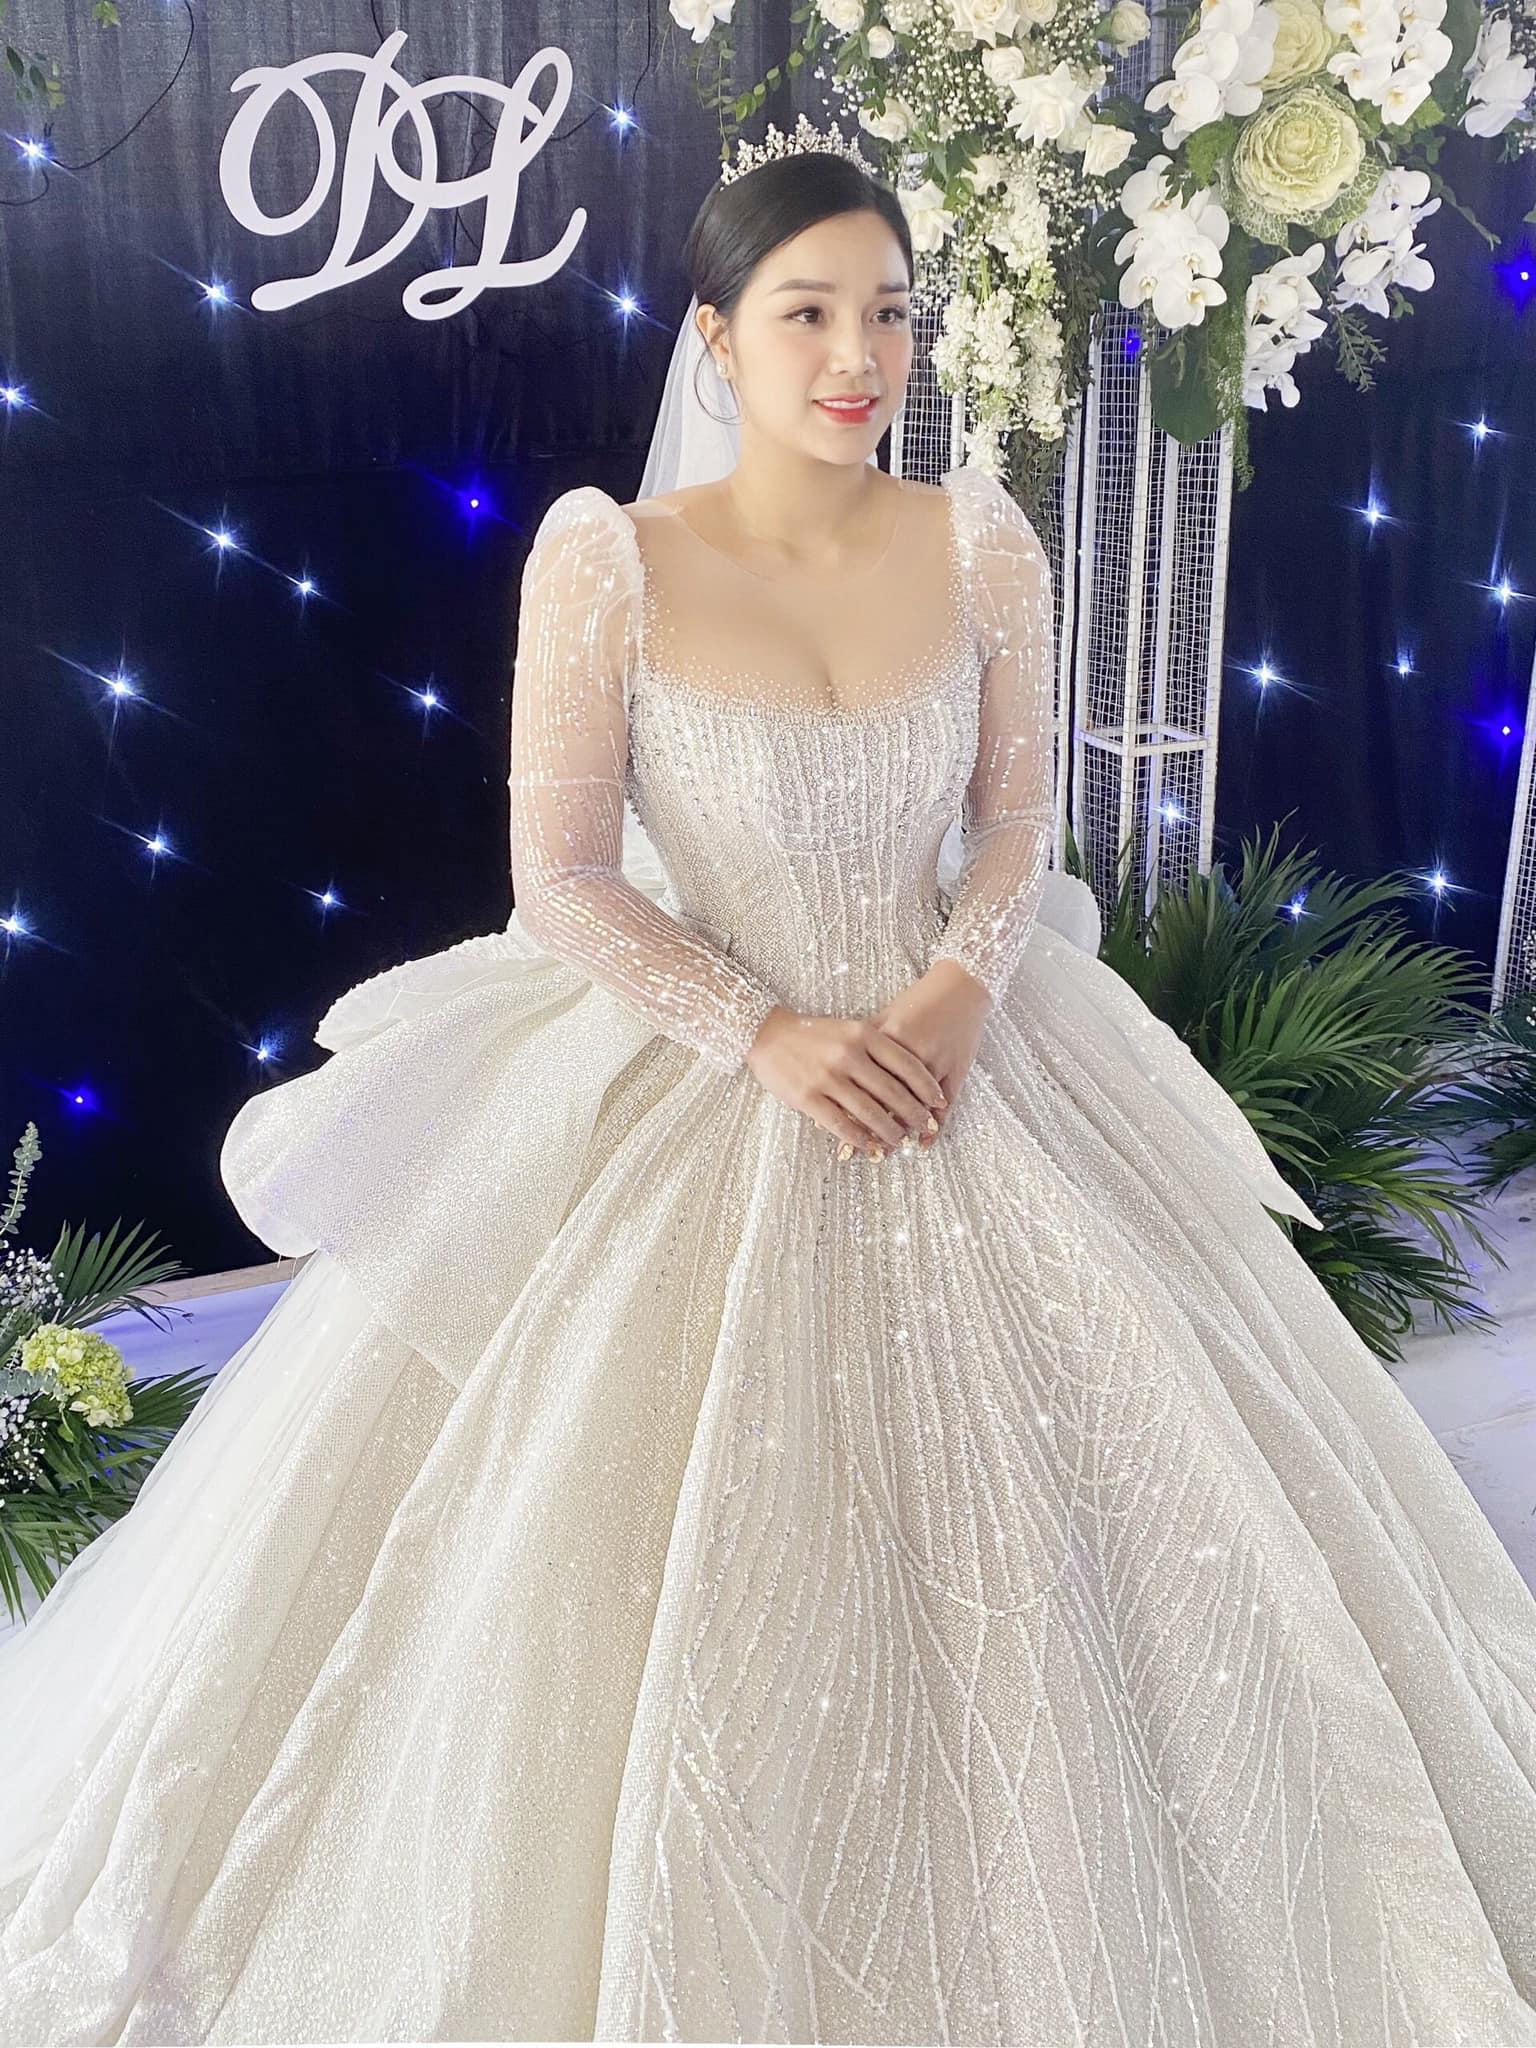 Bà xã Bùi Tiến Dũng đấu giá váy cưới làm từ thiện sau hôn lễ ở Hà Tĩnh